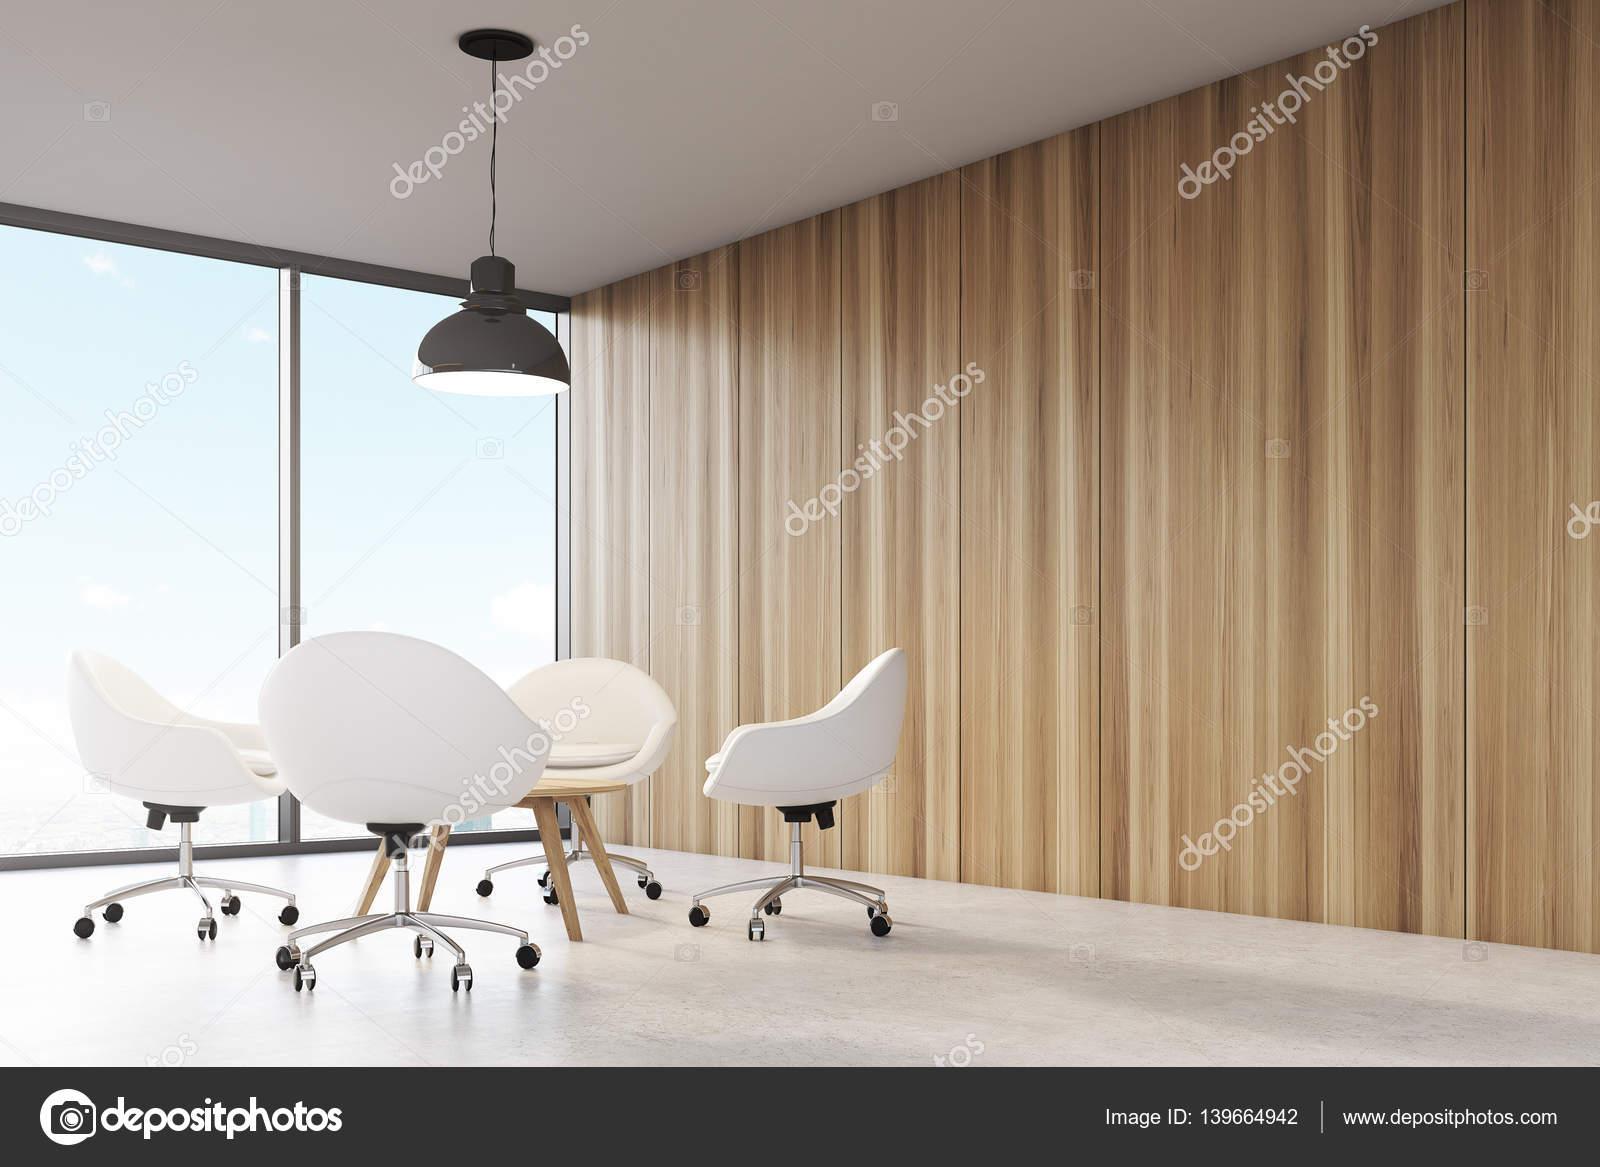 Lamp Woonkamer Plafond : Kamer met houten wanden groot panoramisch raam een zwart plafond